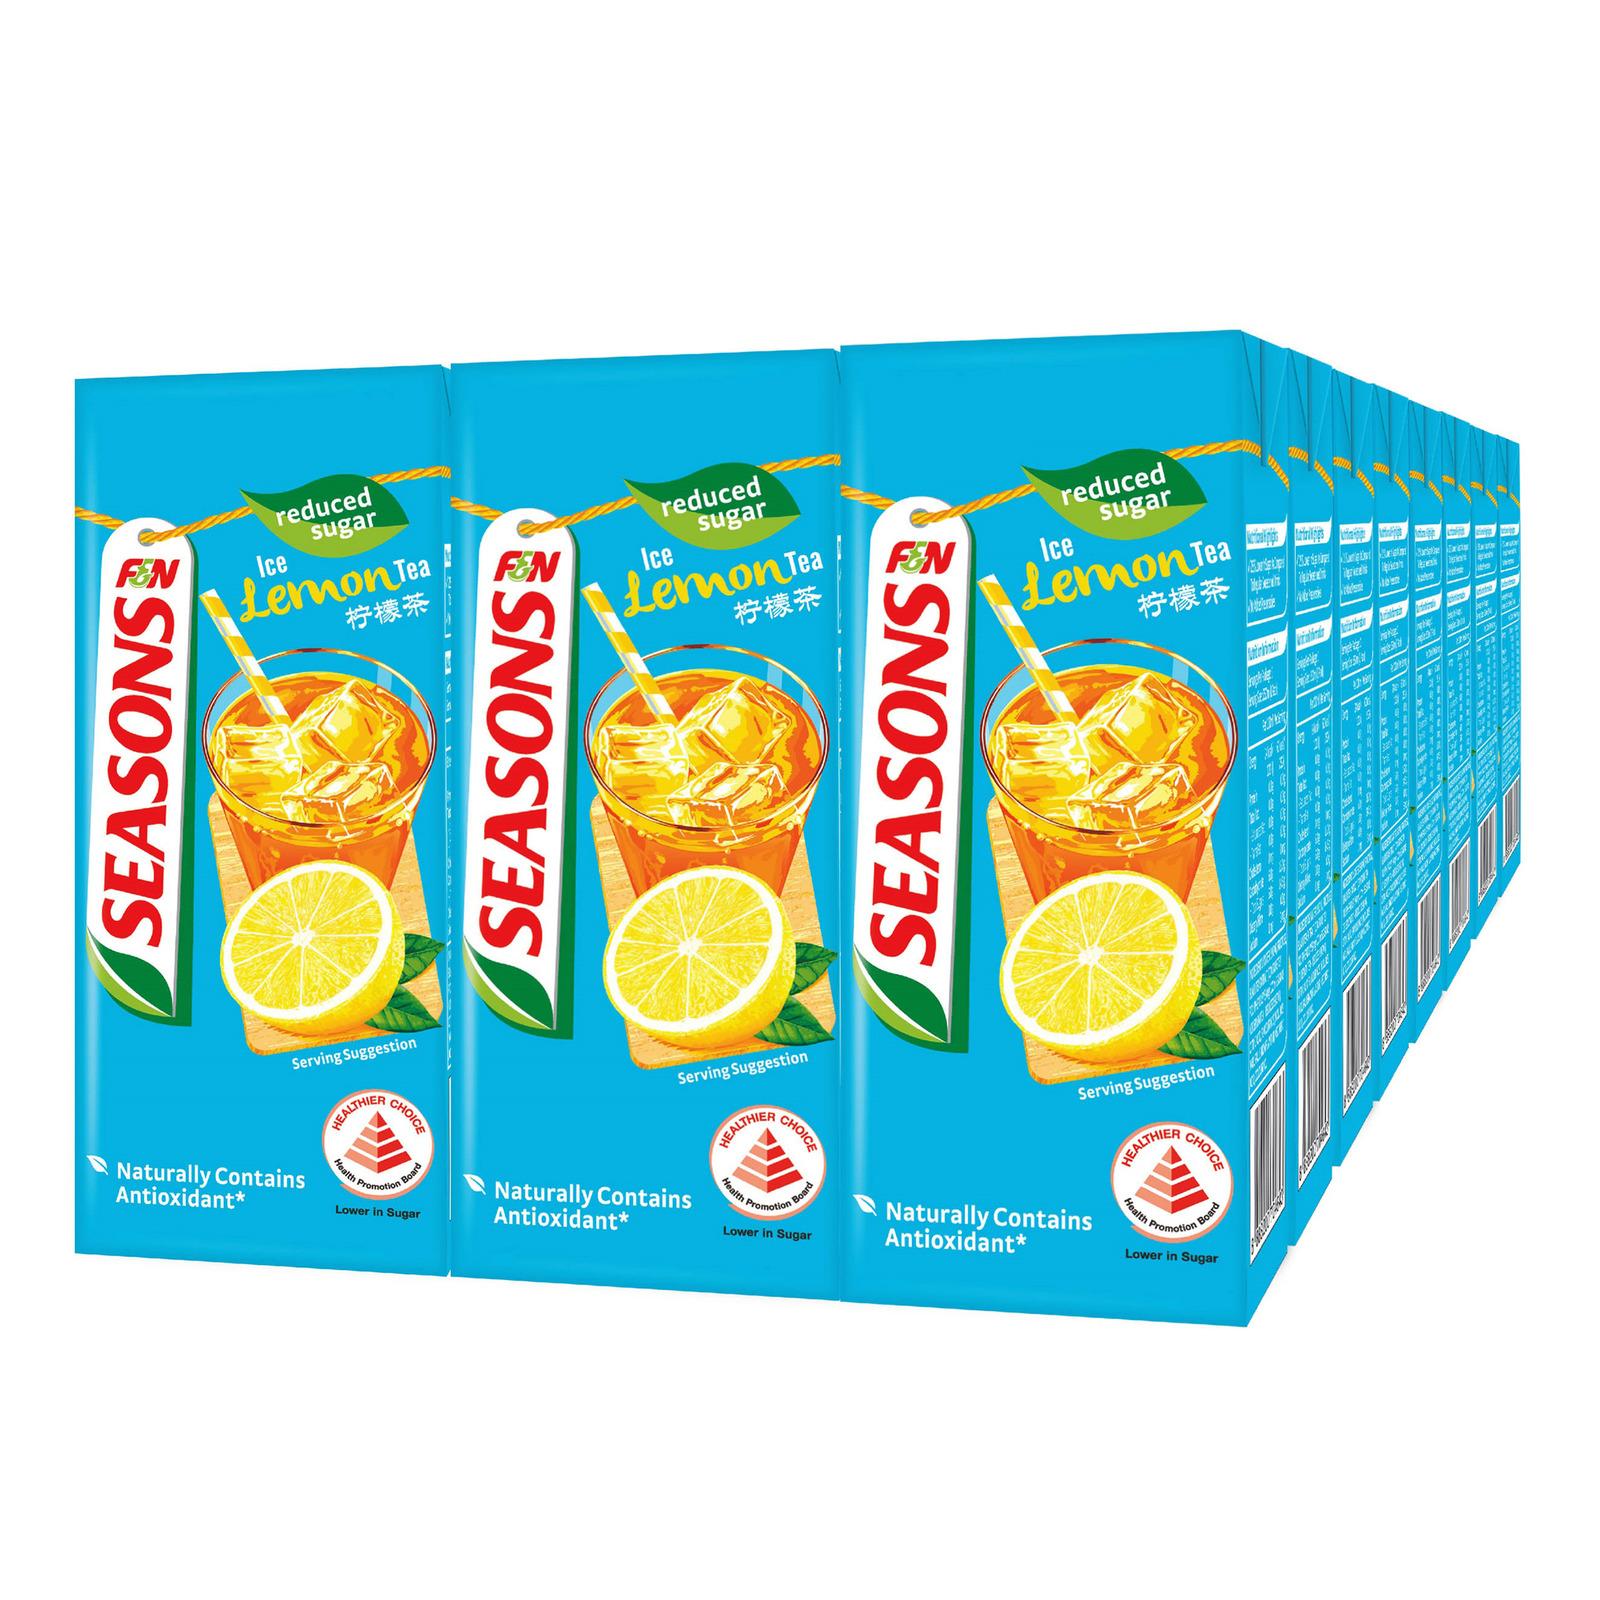 F&N Seasons Packet Drink-Ice Lemon Tea(Reduced Sugar)